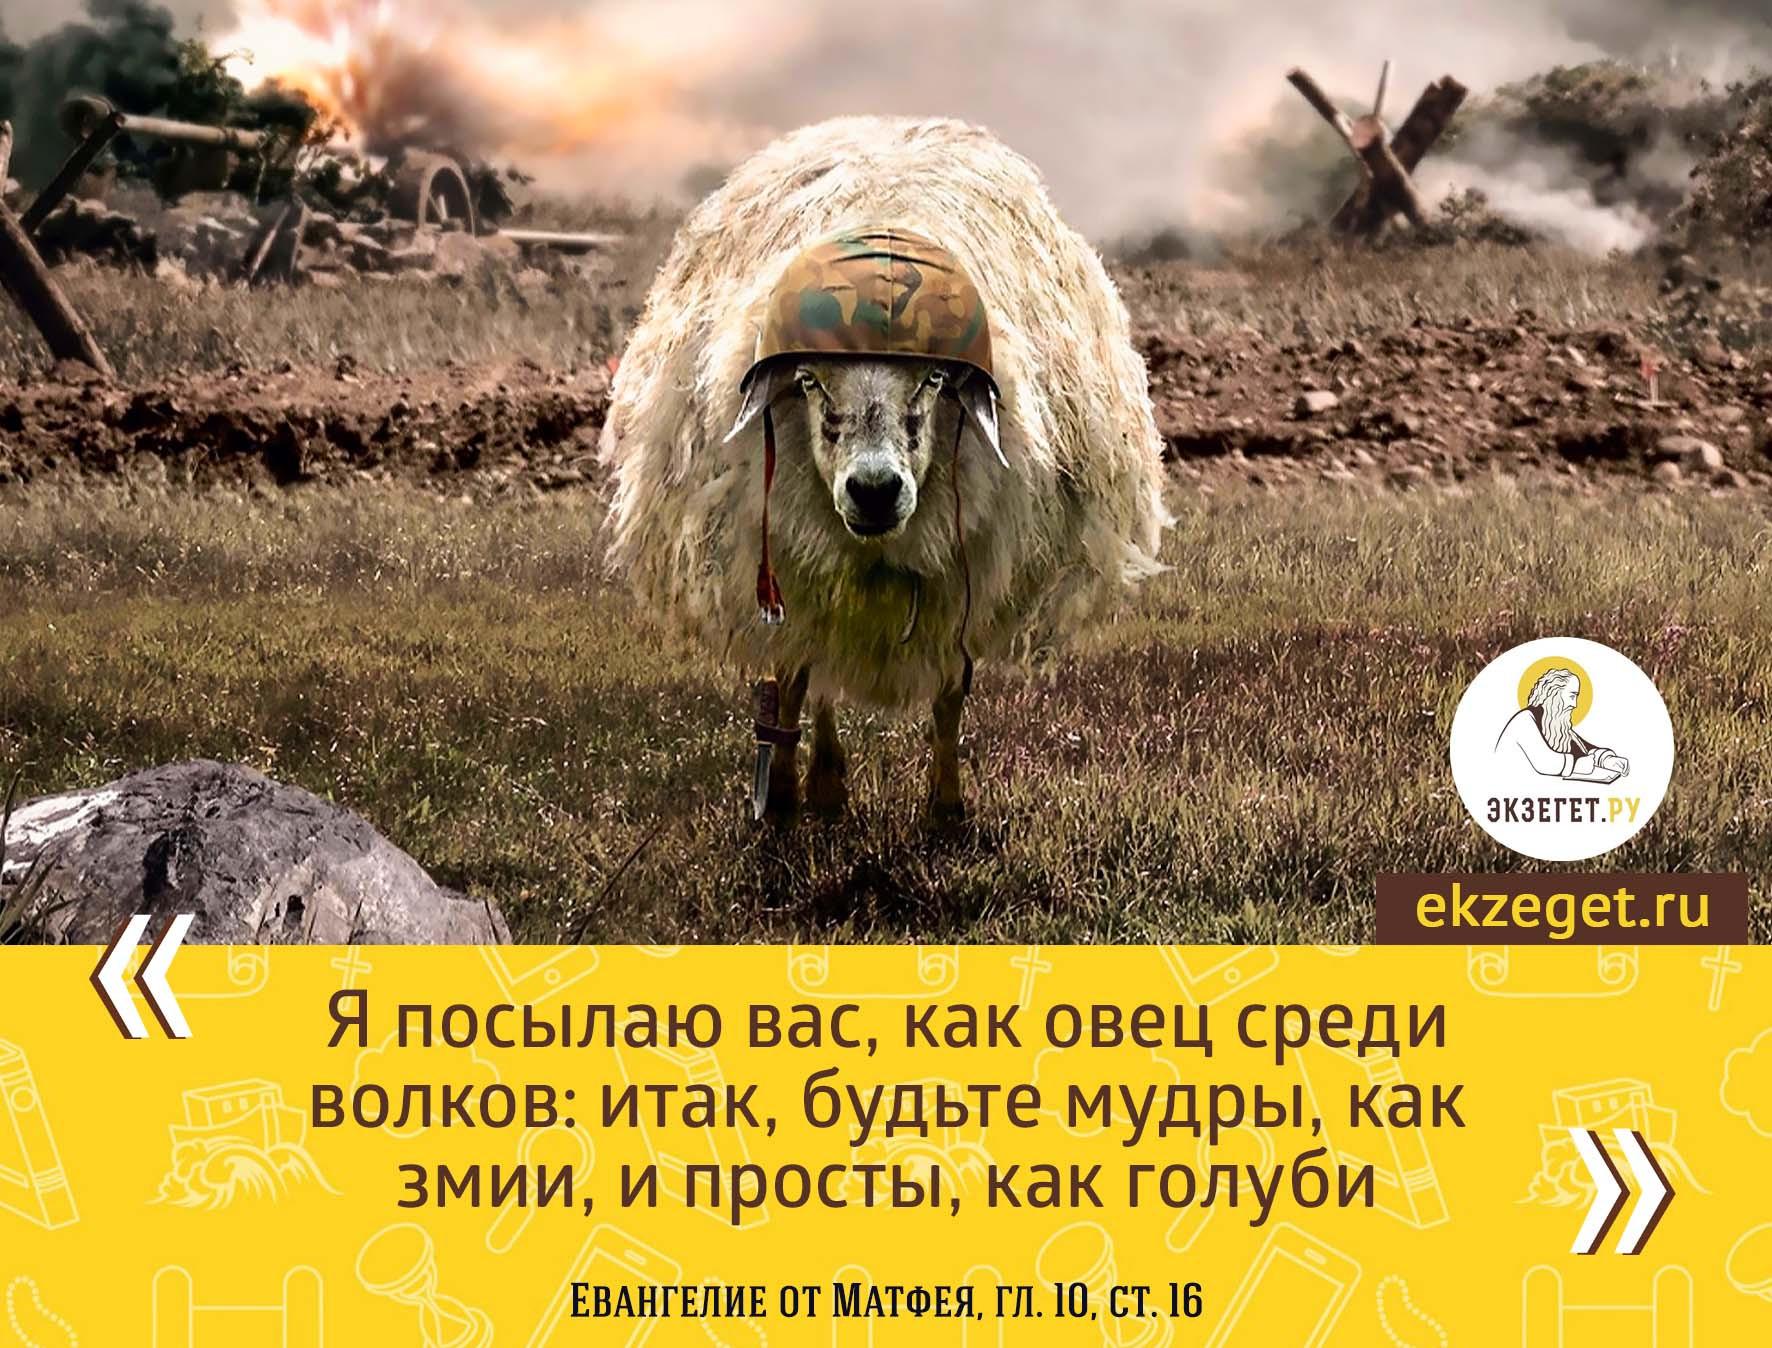 Мф. 10:16 Вот, Я посылаю вас, как овец среди волков: итак будьте мудры, как змии, и просты, как голуби.